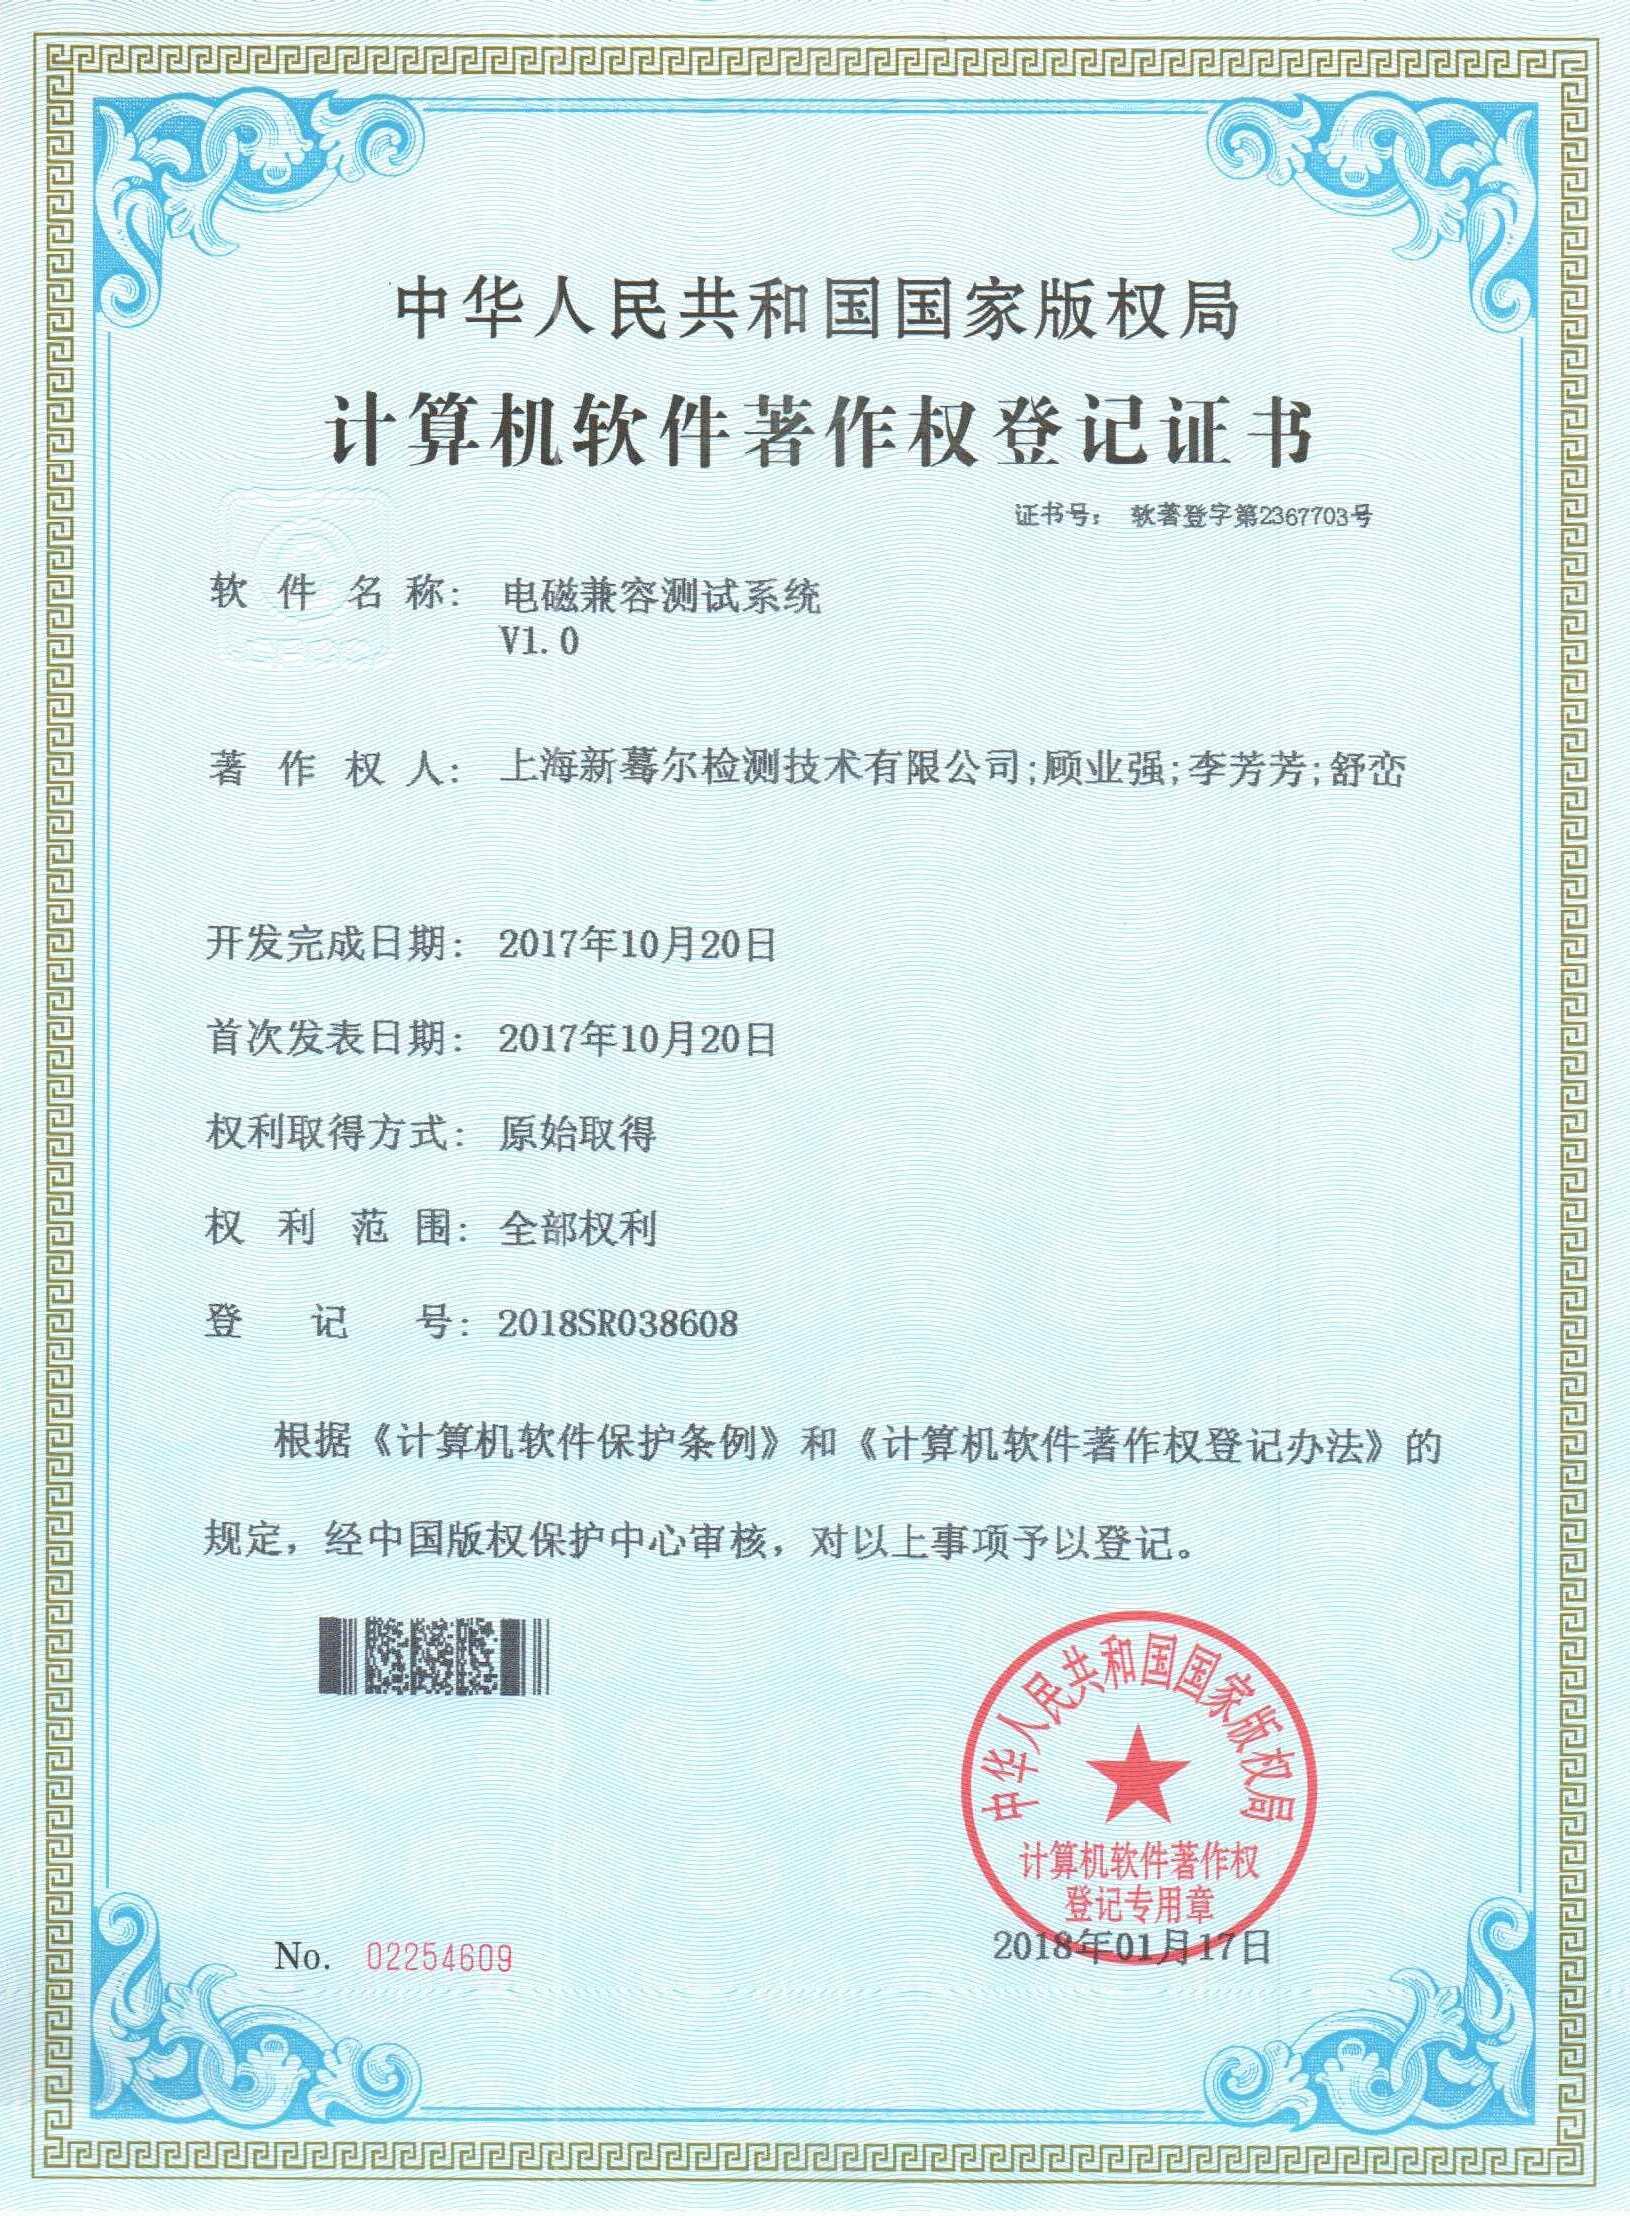 著作权证书(2)